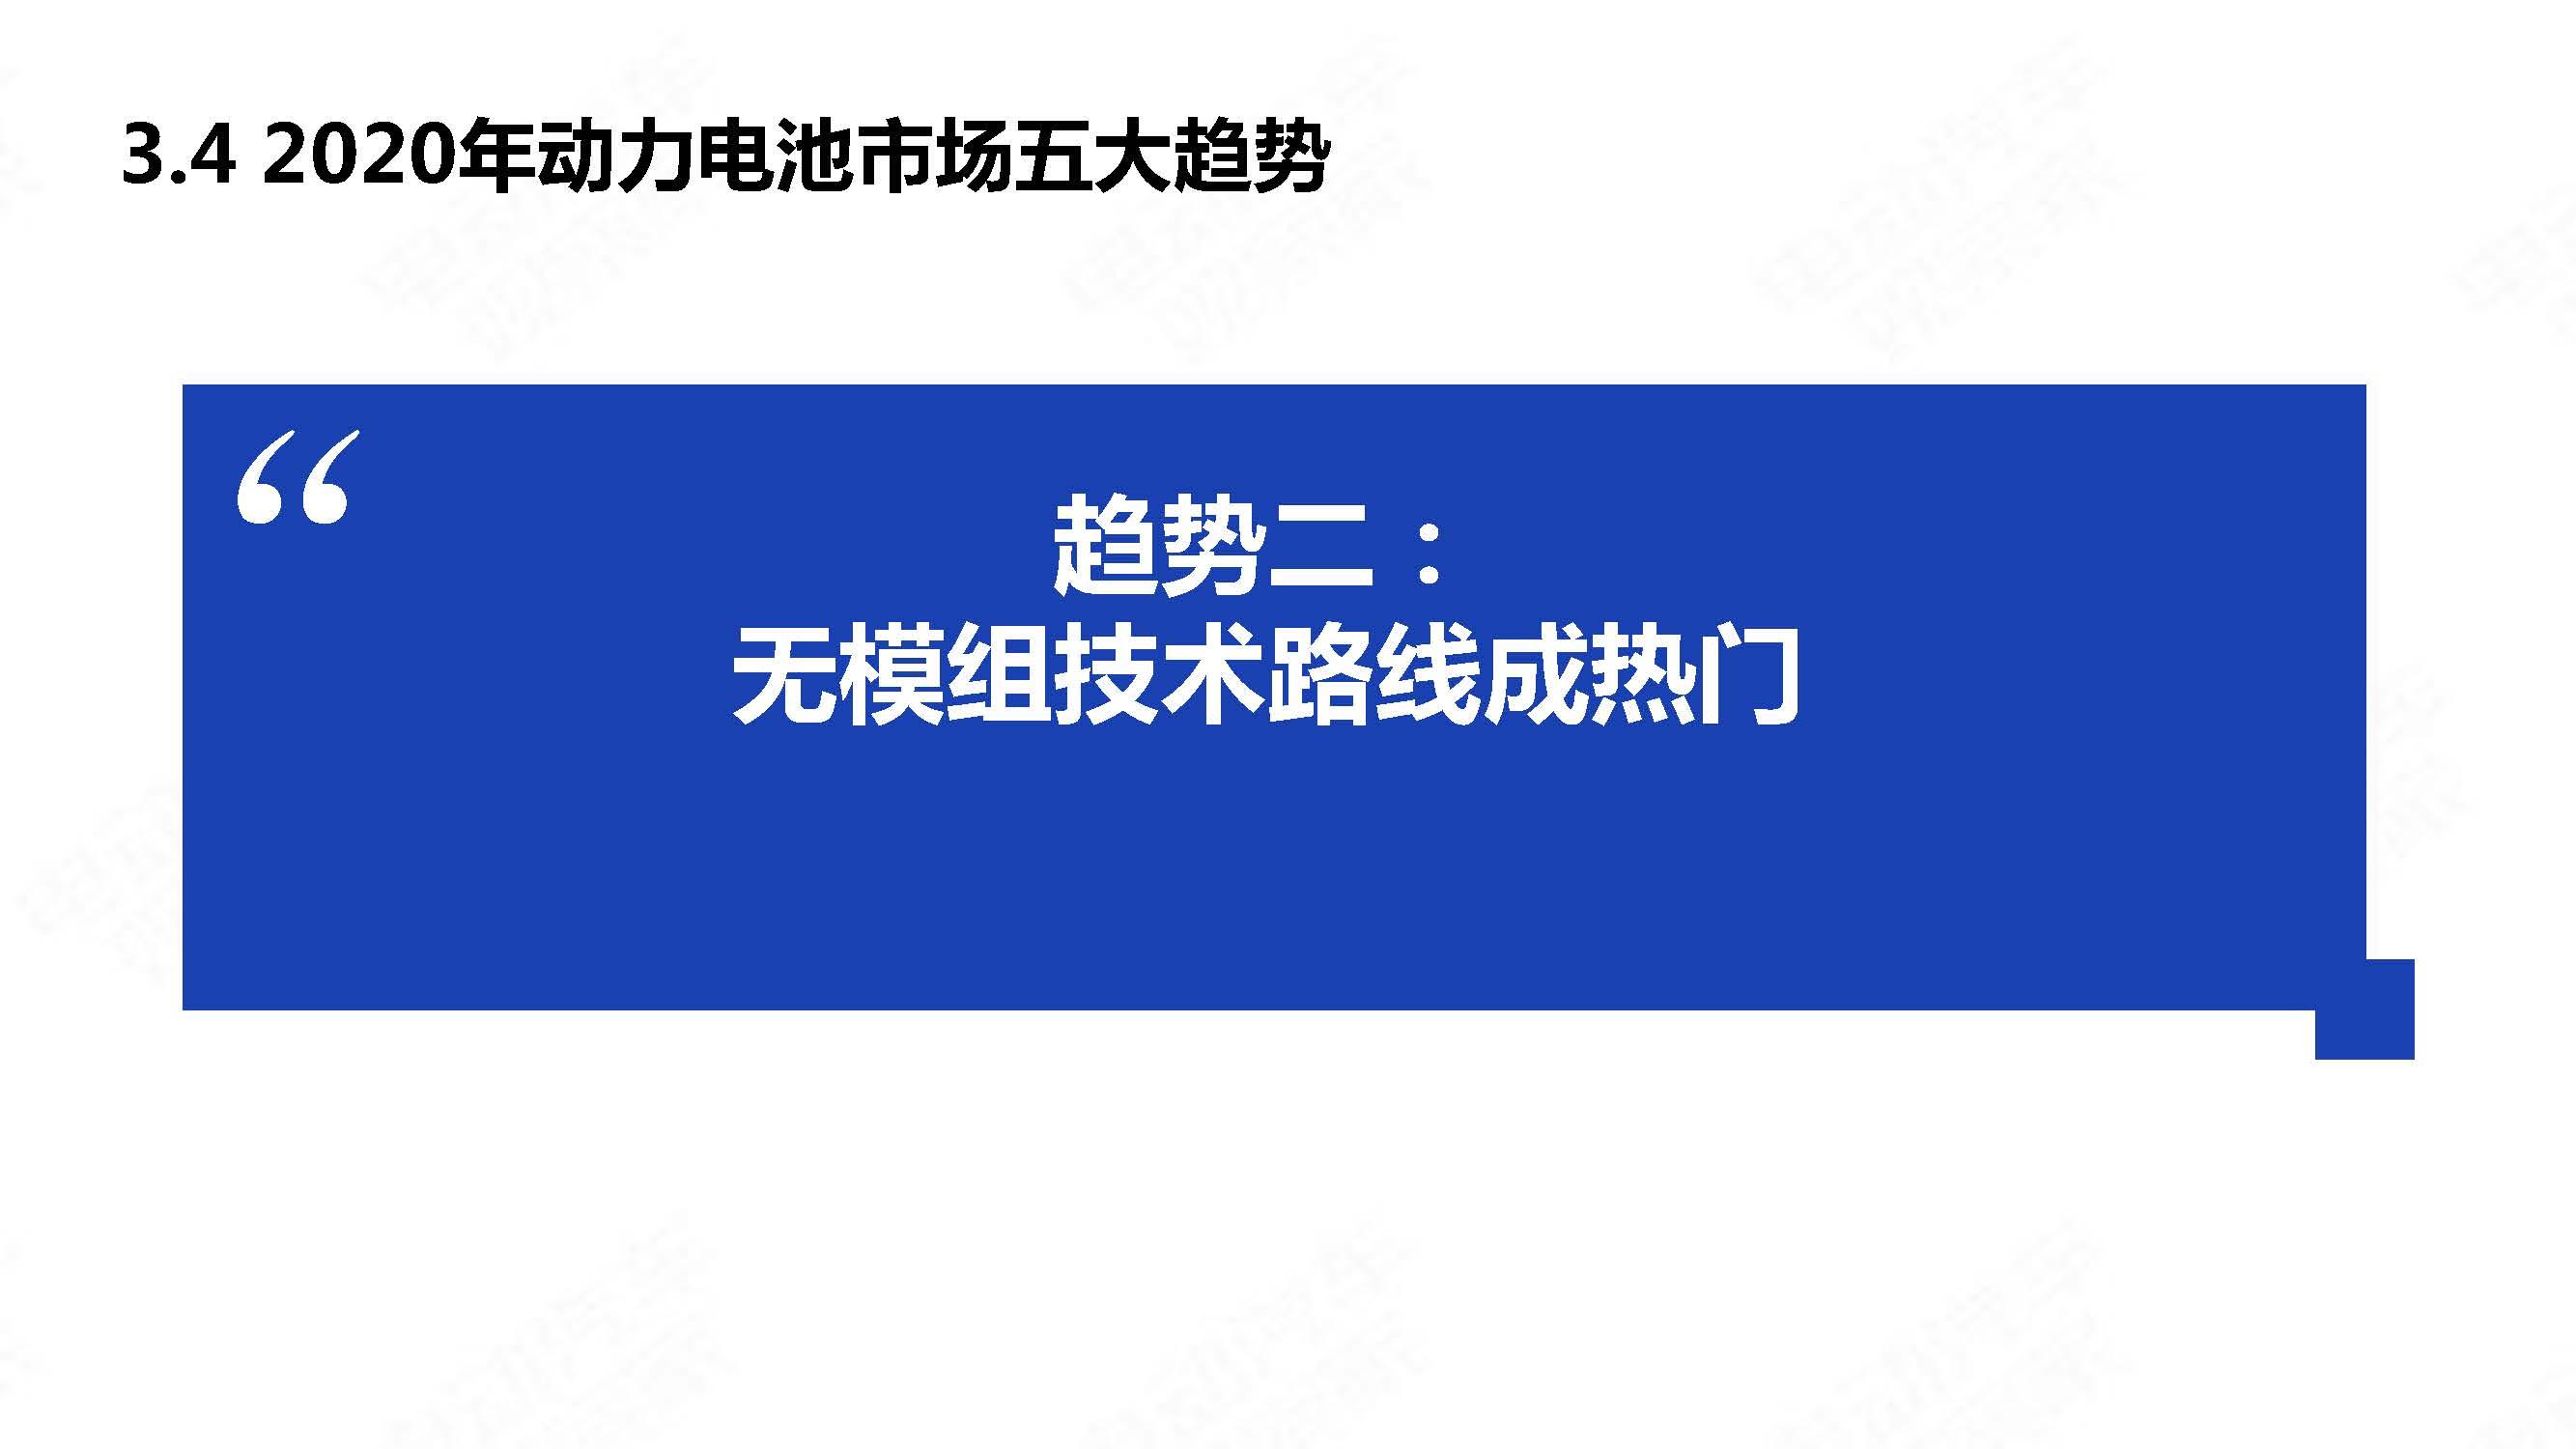 中国新能源汽车产业年度观察2020 简版_页面_36